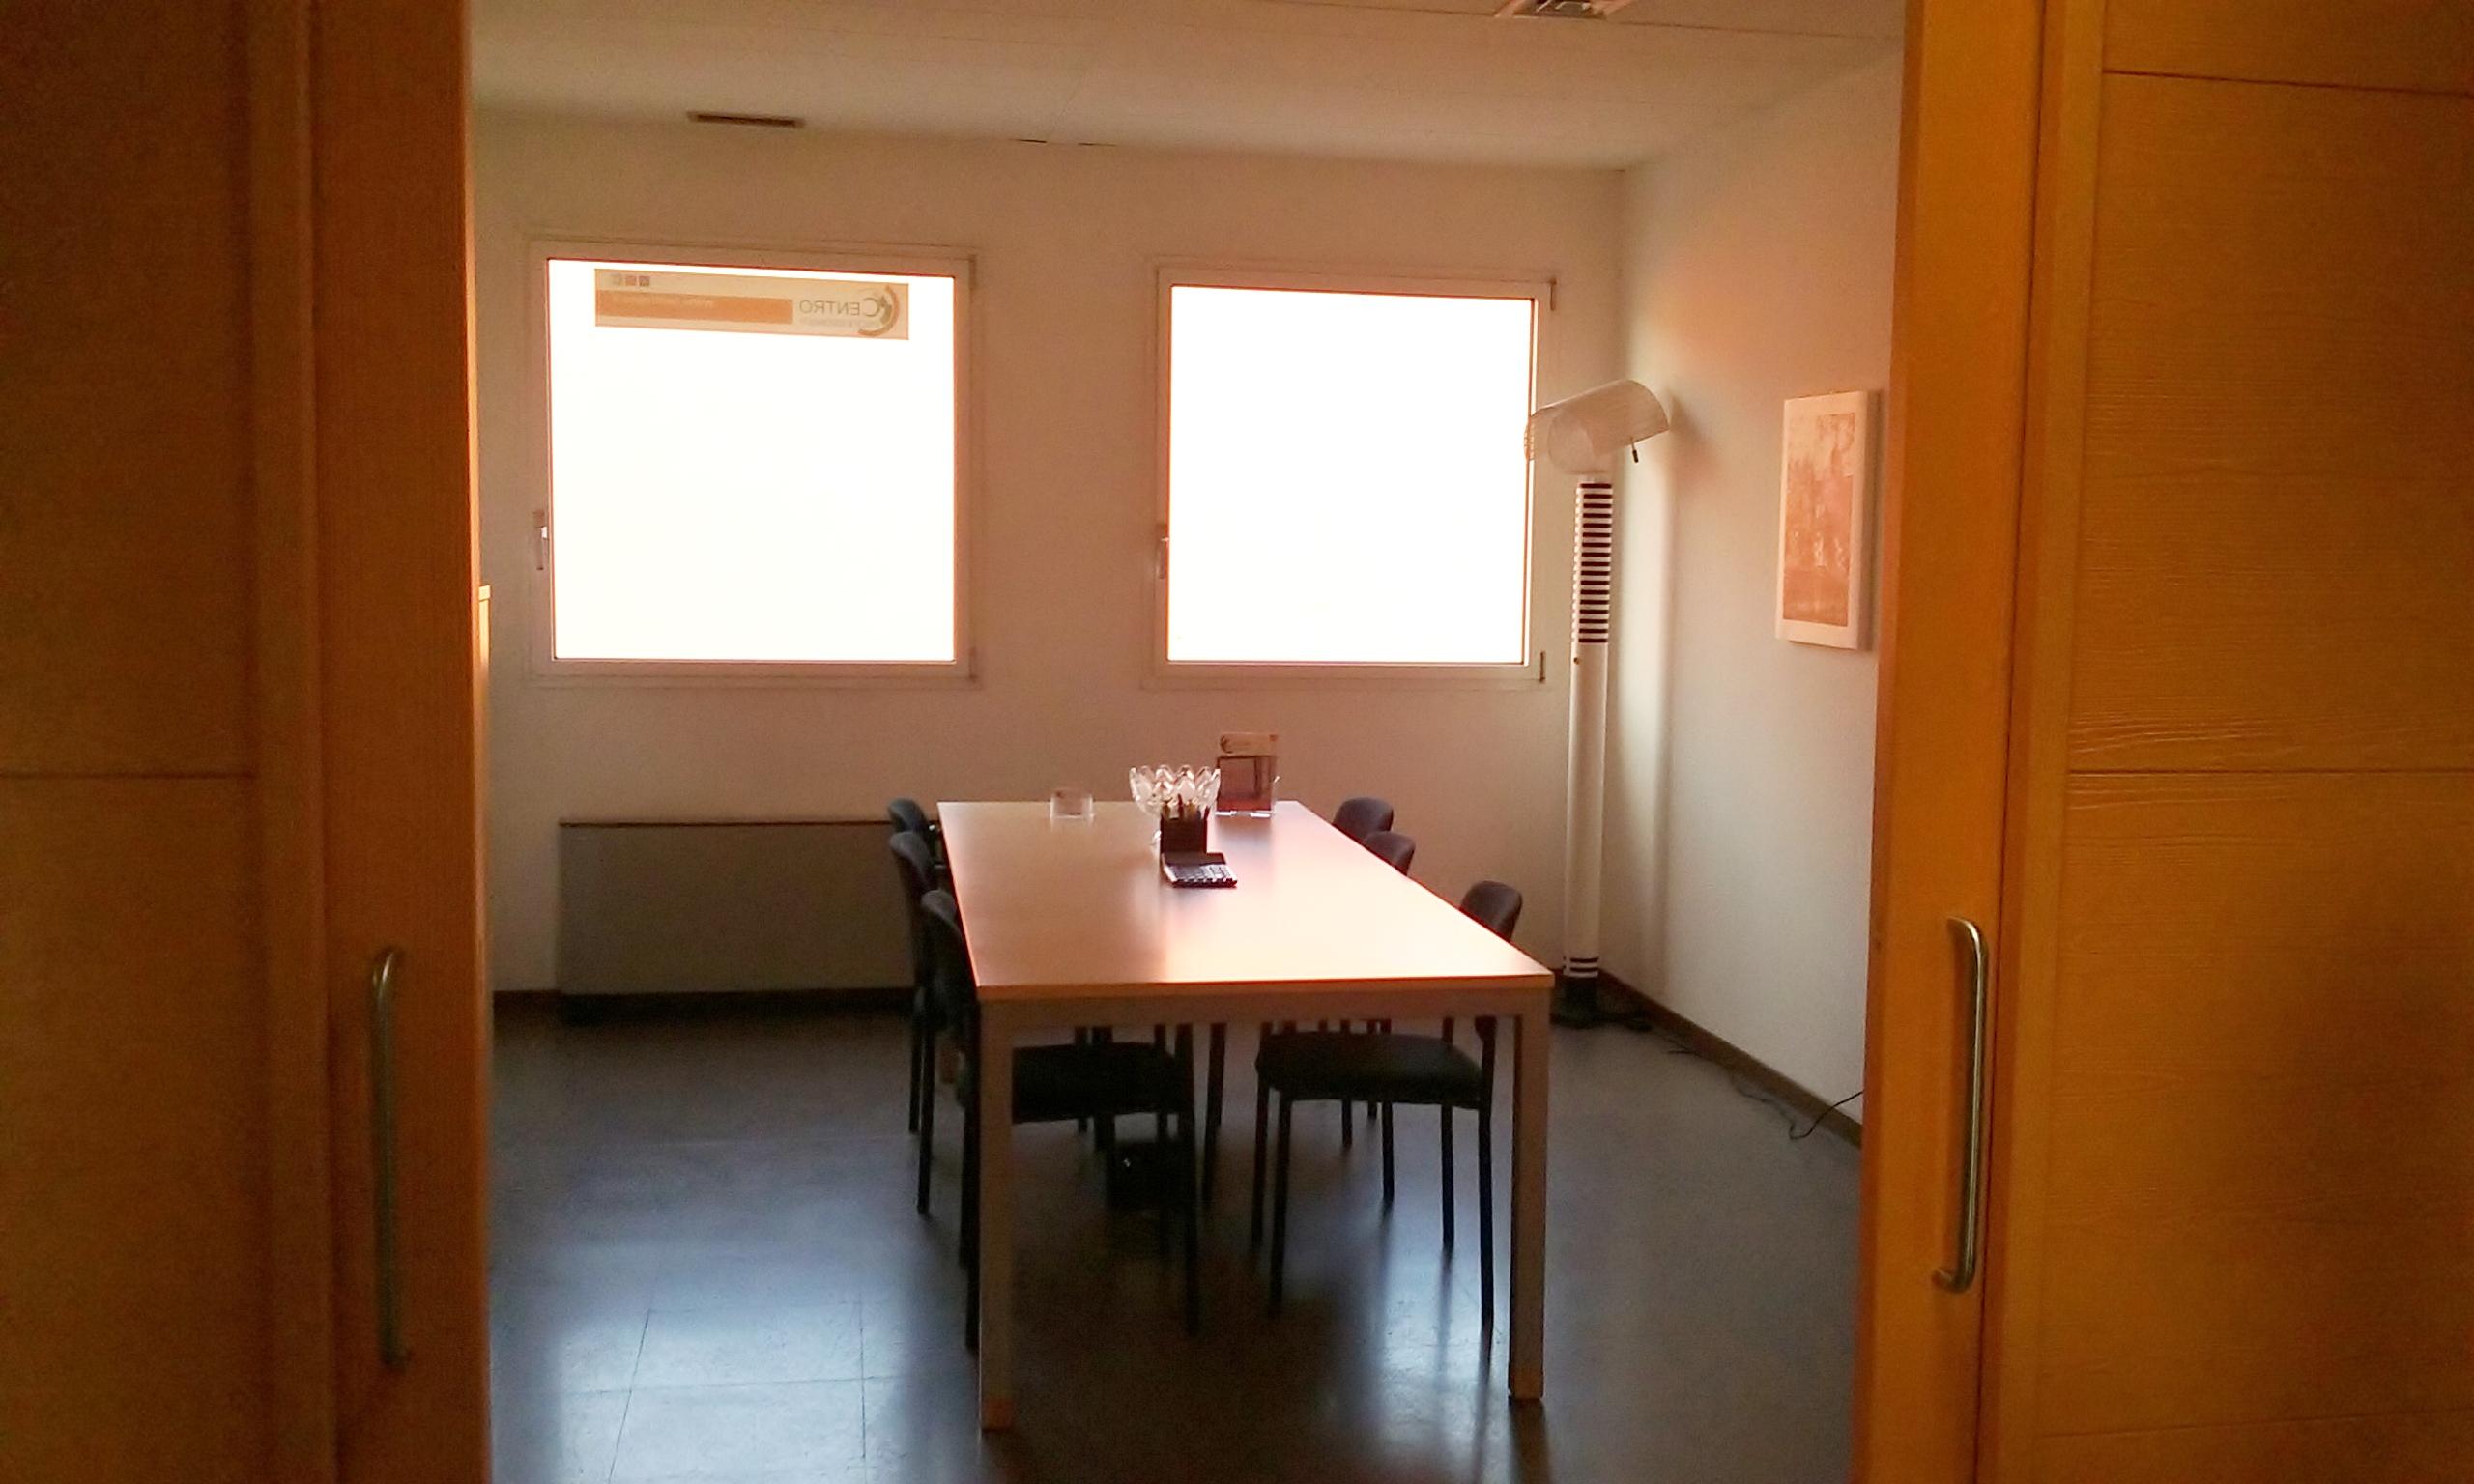 centro-coworking-sala-riunione-arancio4